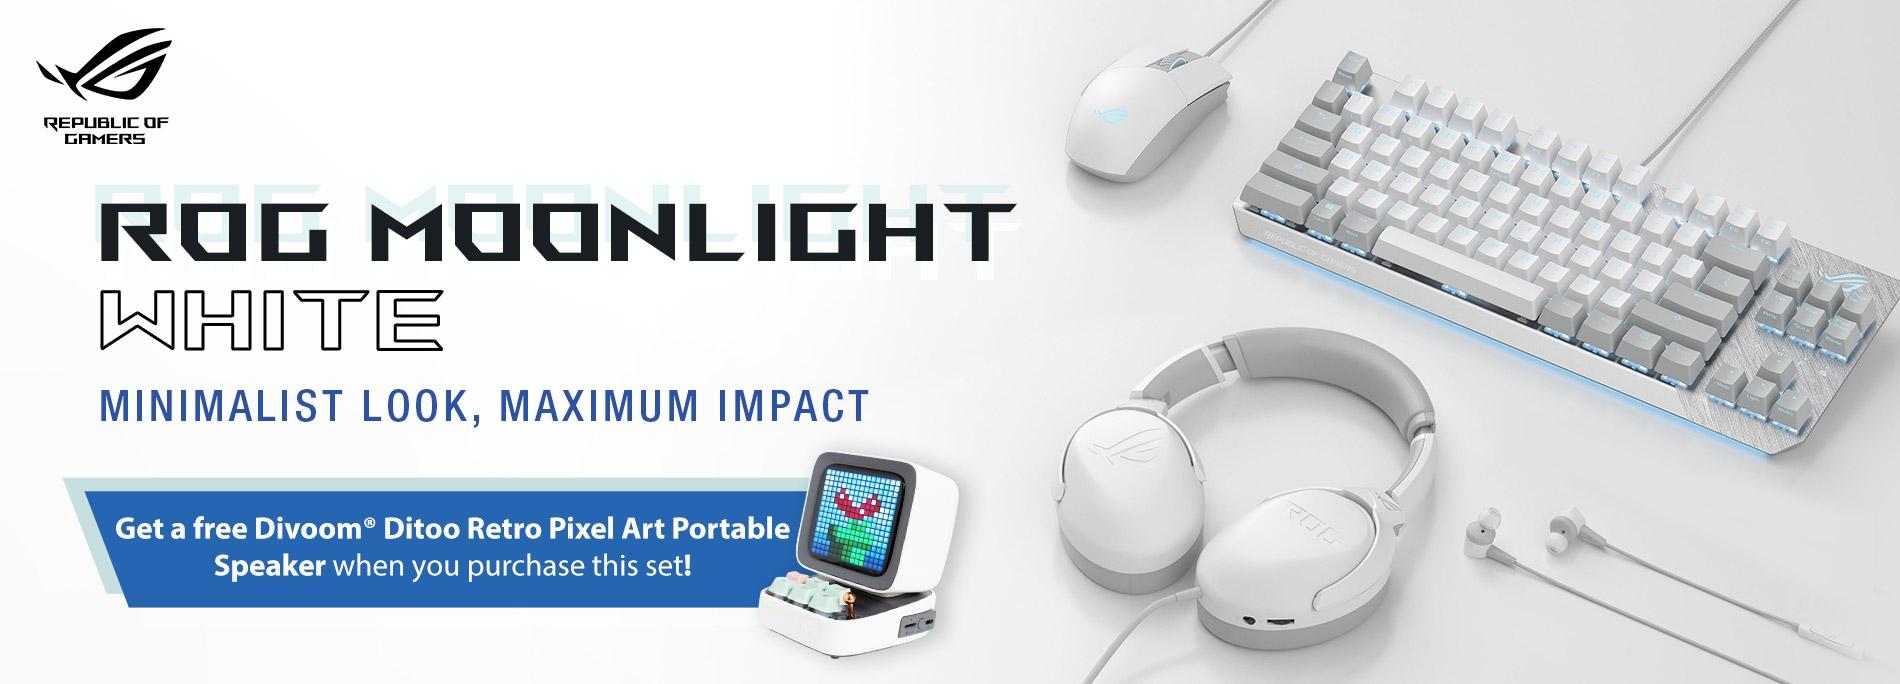 ROG Moonlight White Keyboard Price